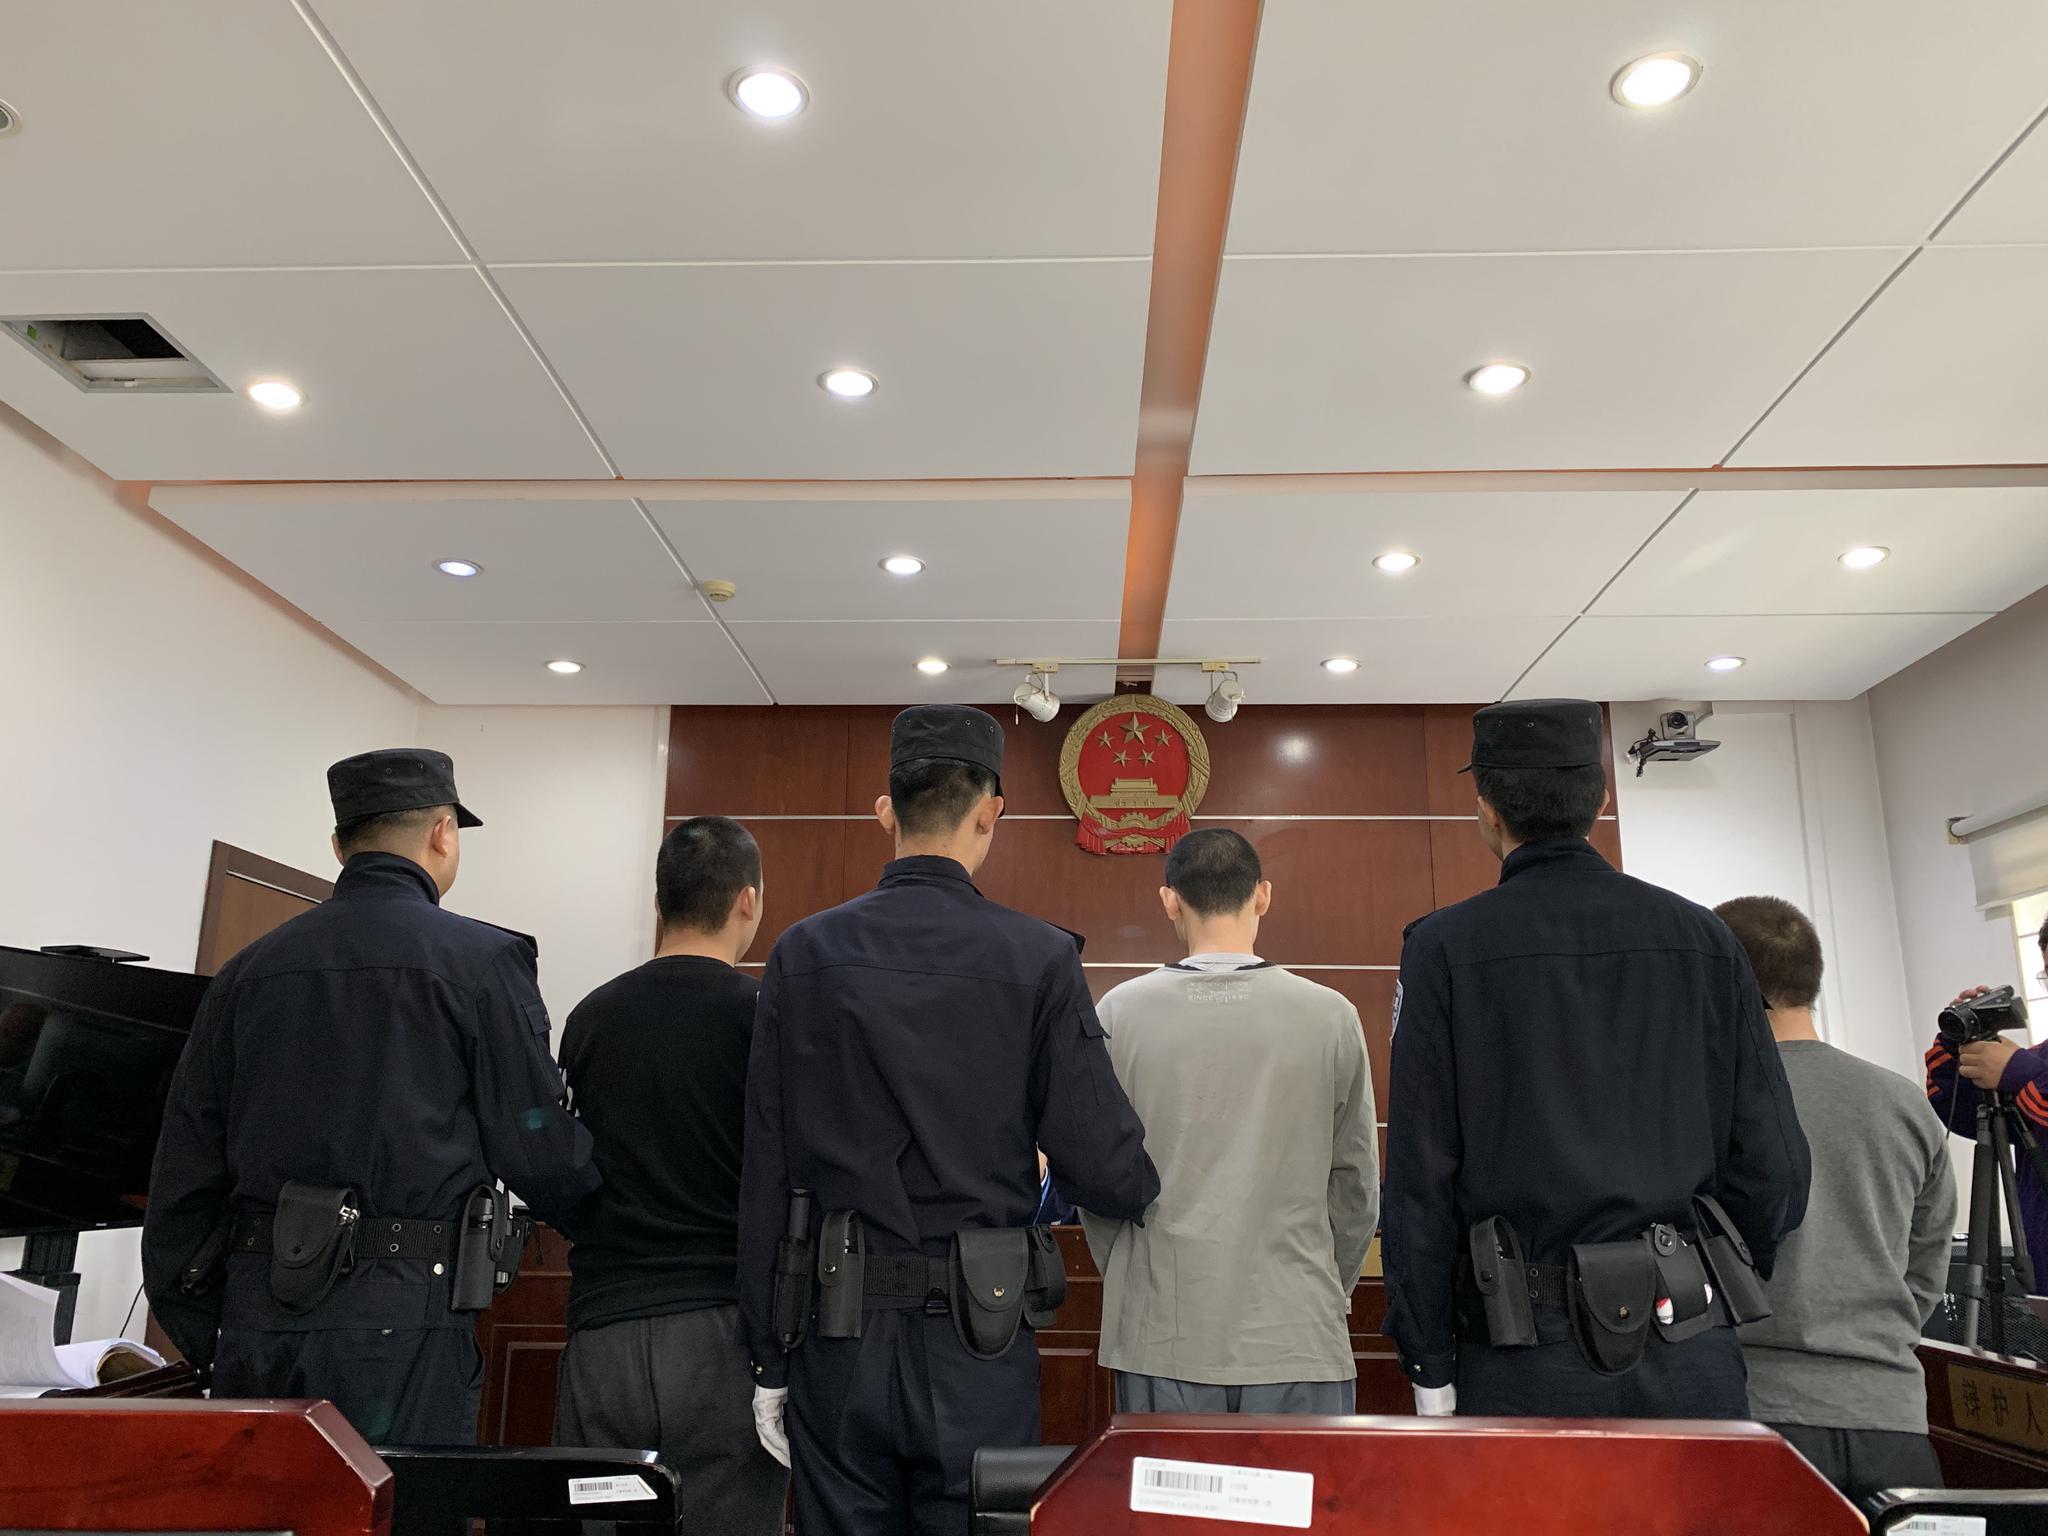 三名原告人正在法庭上,戴眼镜是王某。新京报记者 刘洋 摄